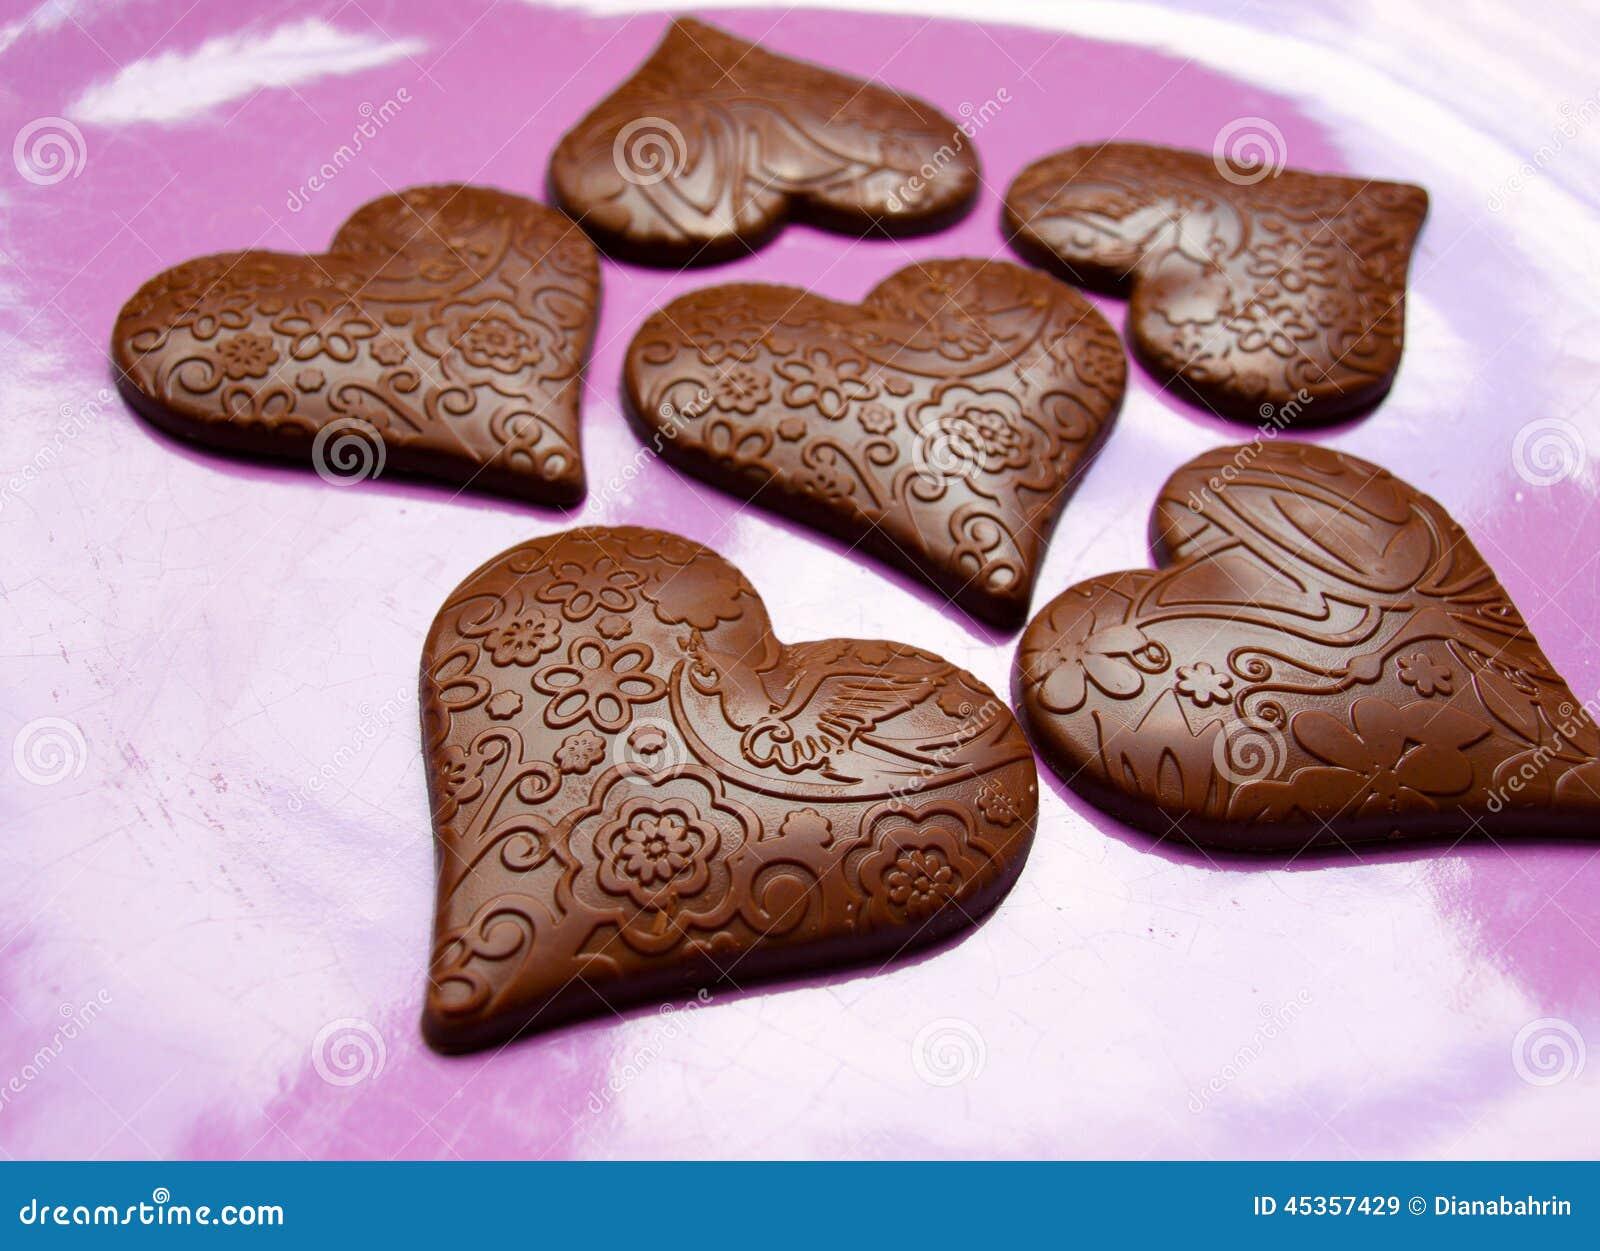 Chocolat de Coeur-forme